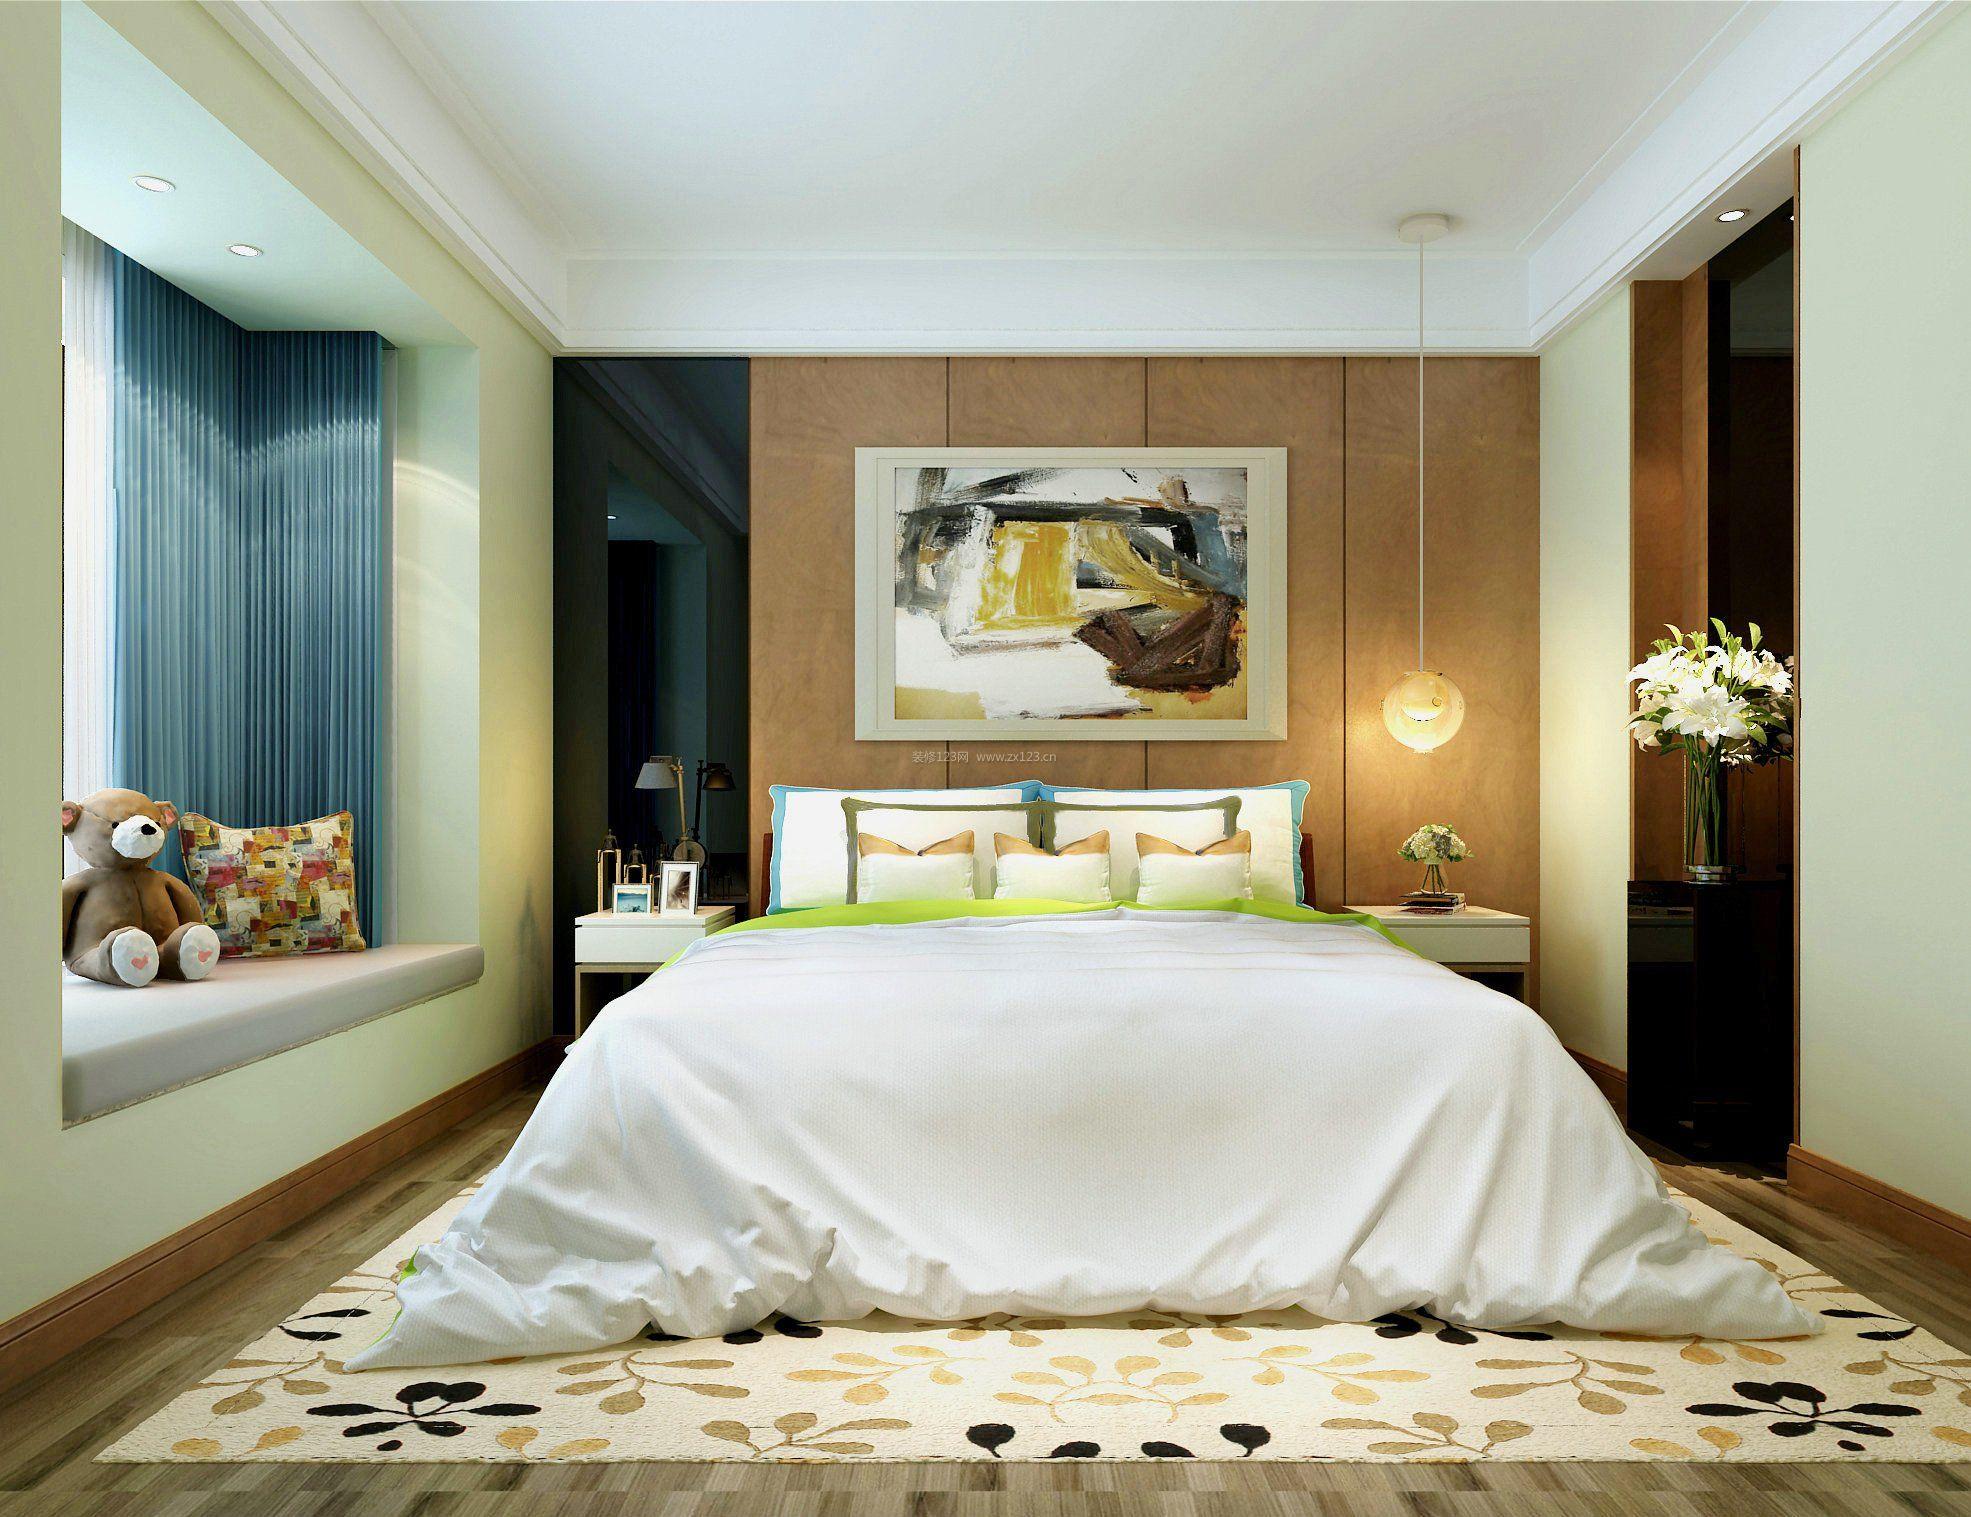 背景墙 房间 家居 起居室 设计 卧室 卧室装修 现代 装修 1971_1517